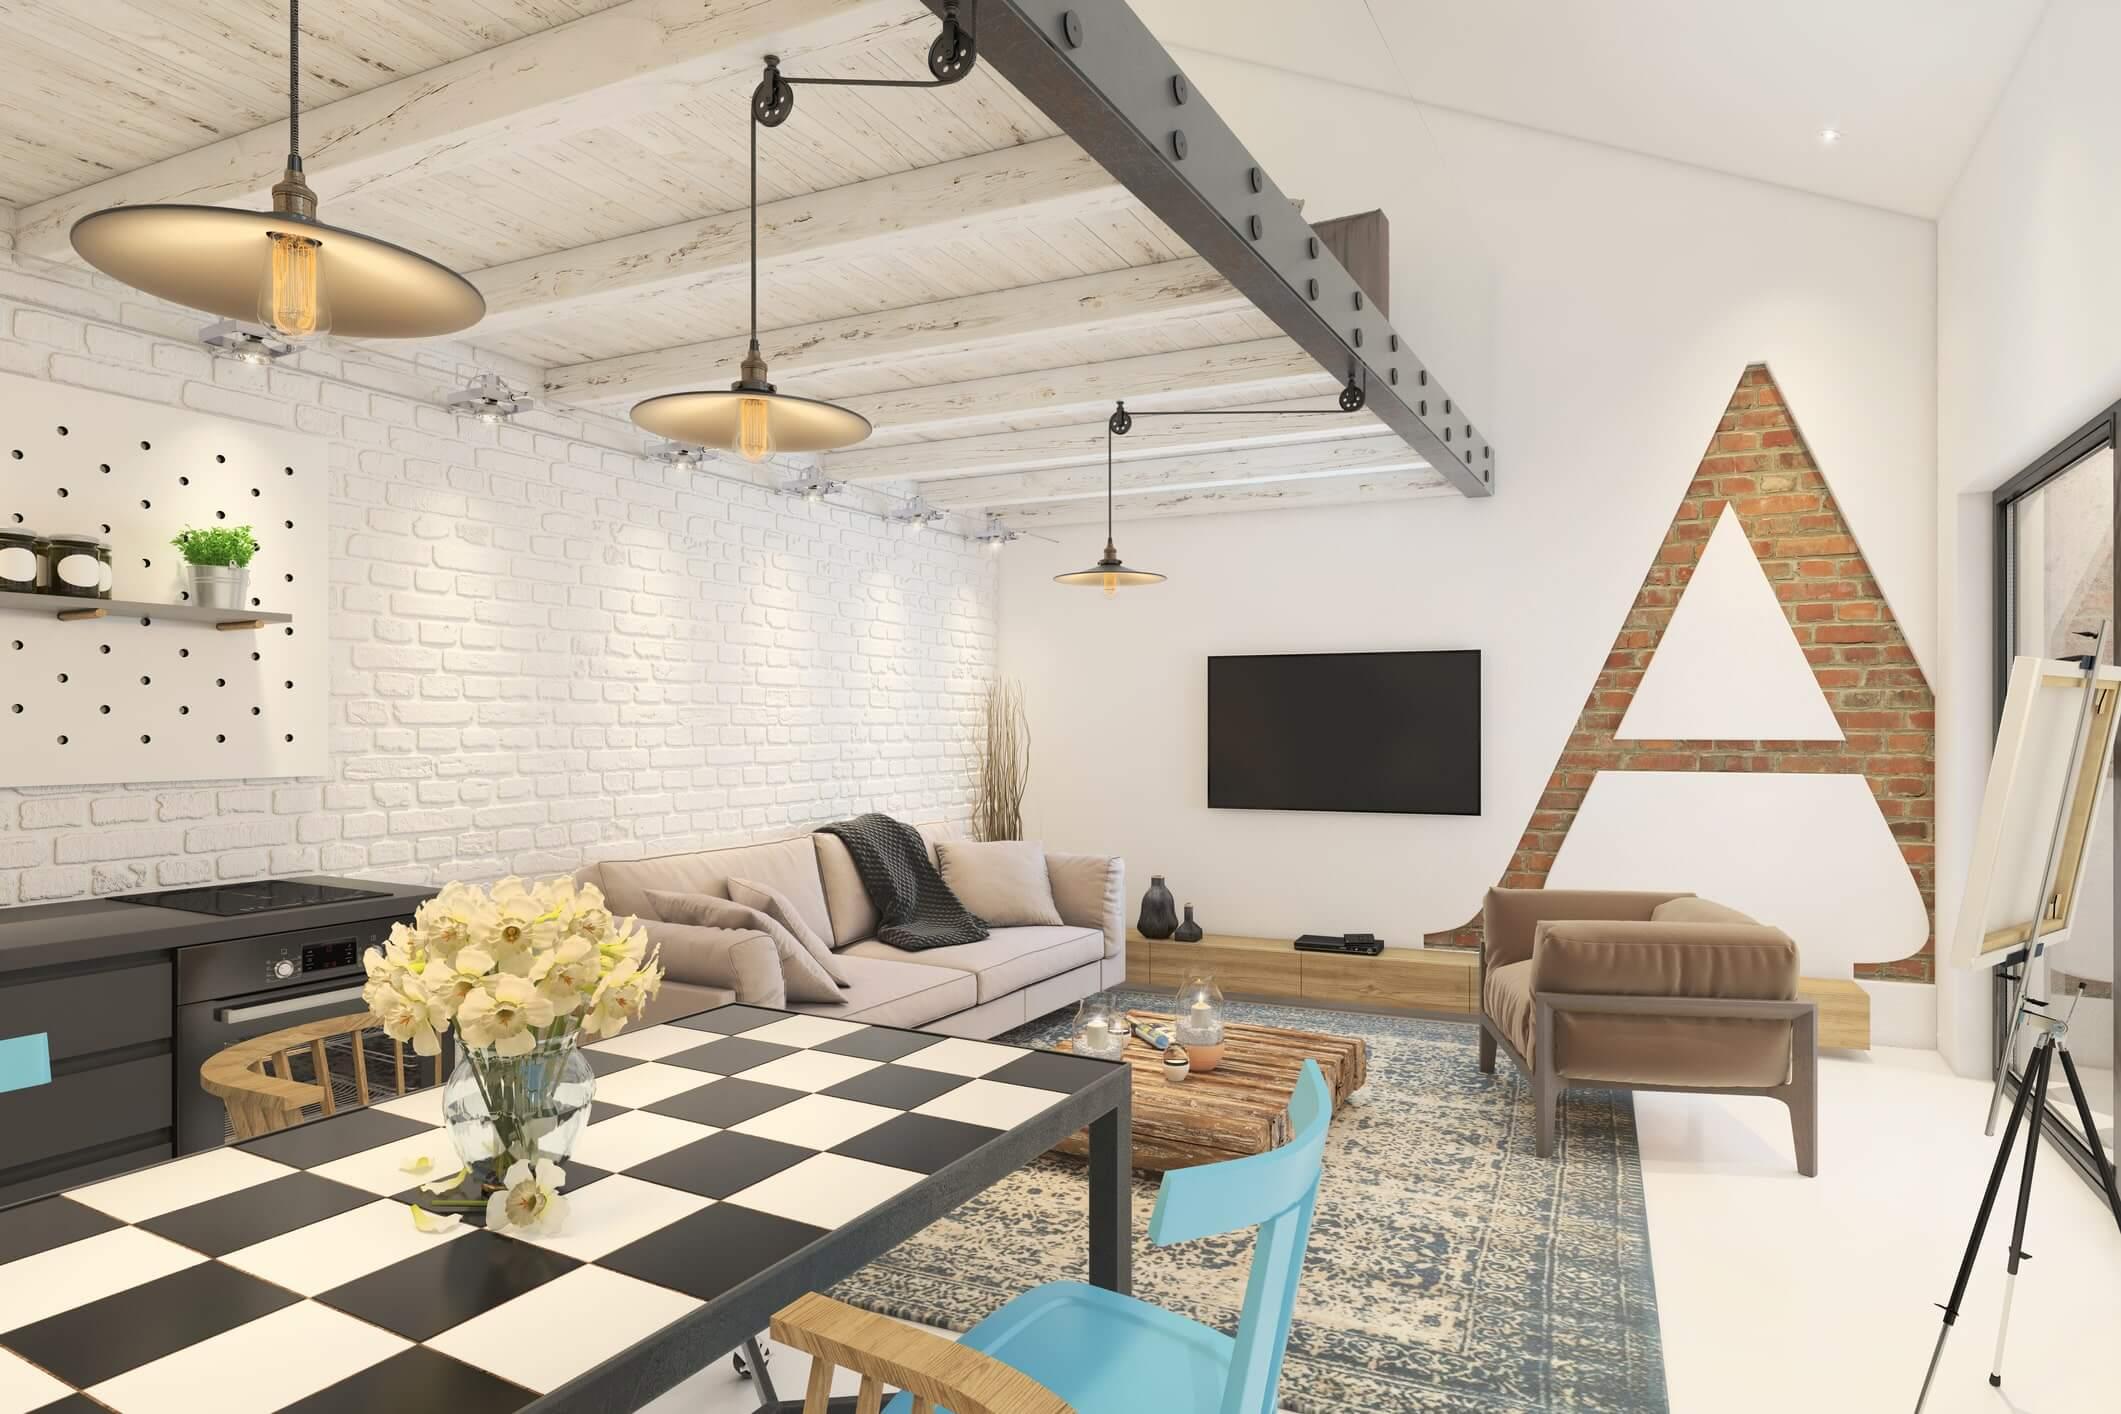 Full Size of Ikea Tradfri Alle Infos Zum Smart Home System Deckenlampen Wohnzimmer Komplett Designer Lampen Esstisch Decken Deckenlampe Bad Gardine Wandtattoo Tapete Wohnzimmer Lampen Wohnzimmer Decke Ikea